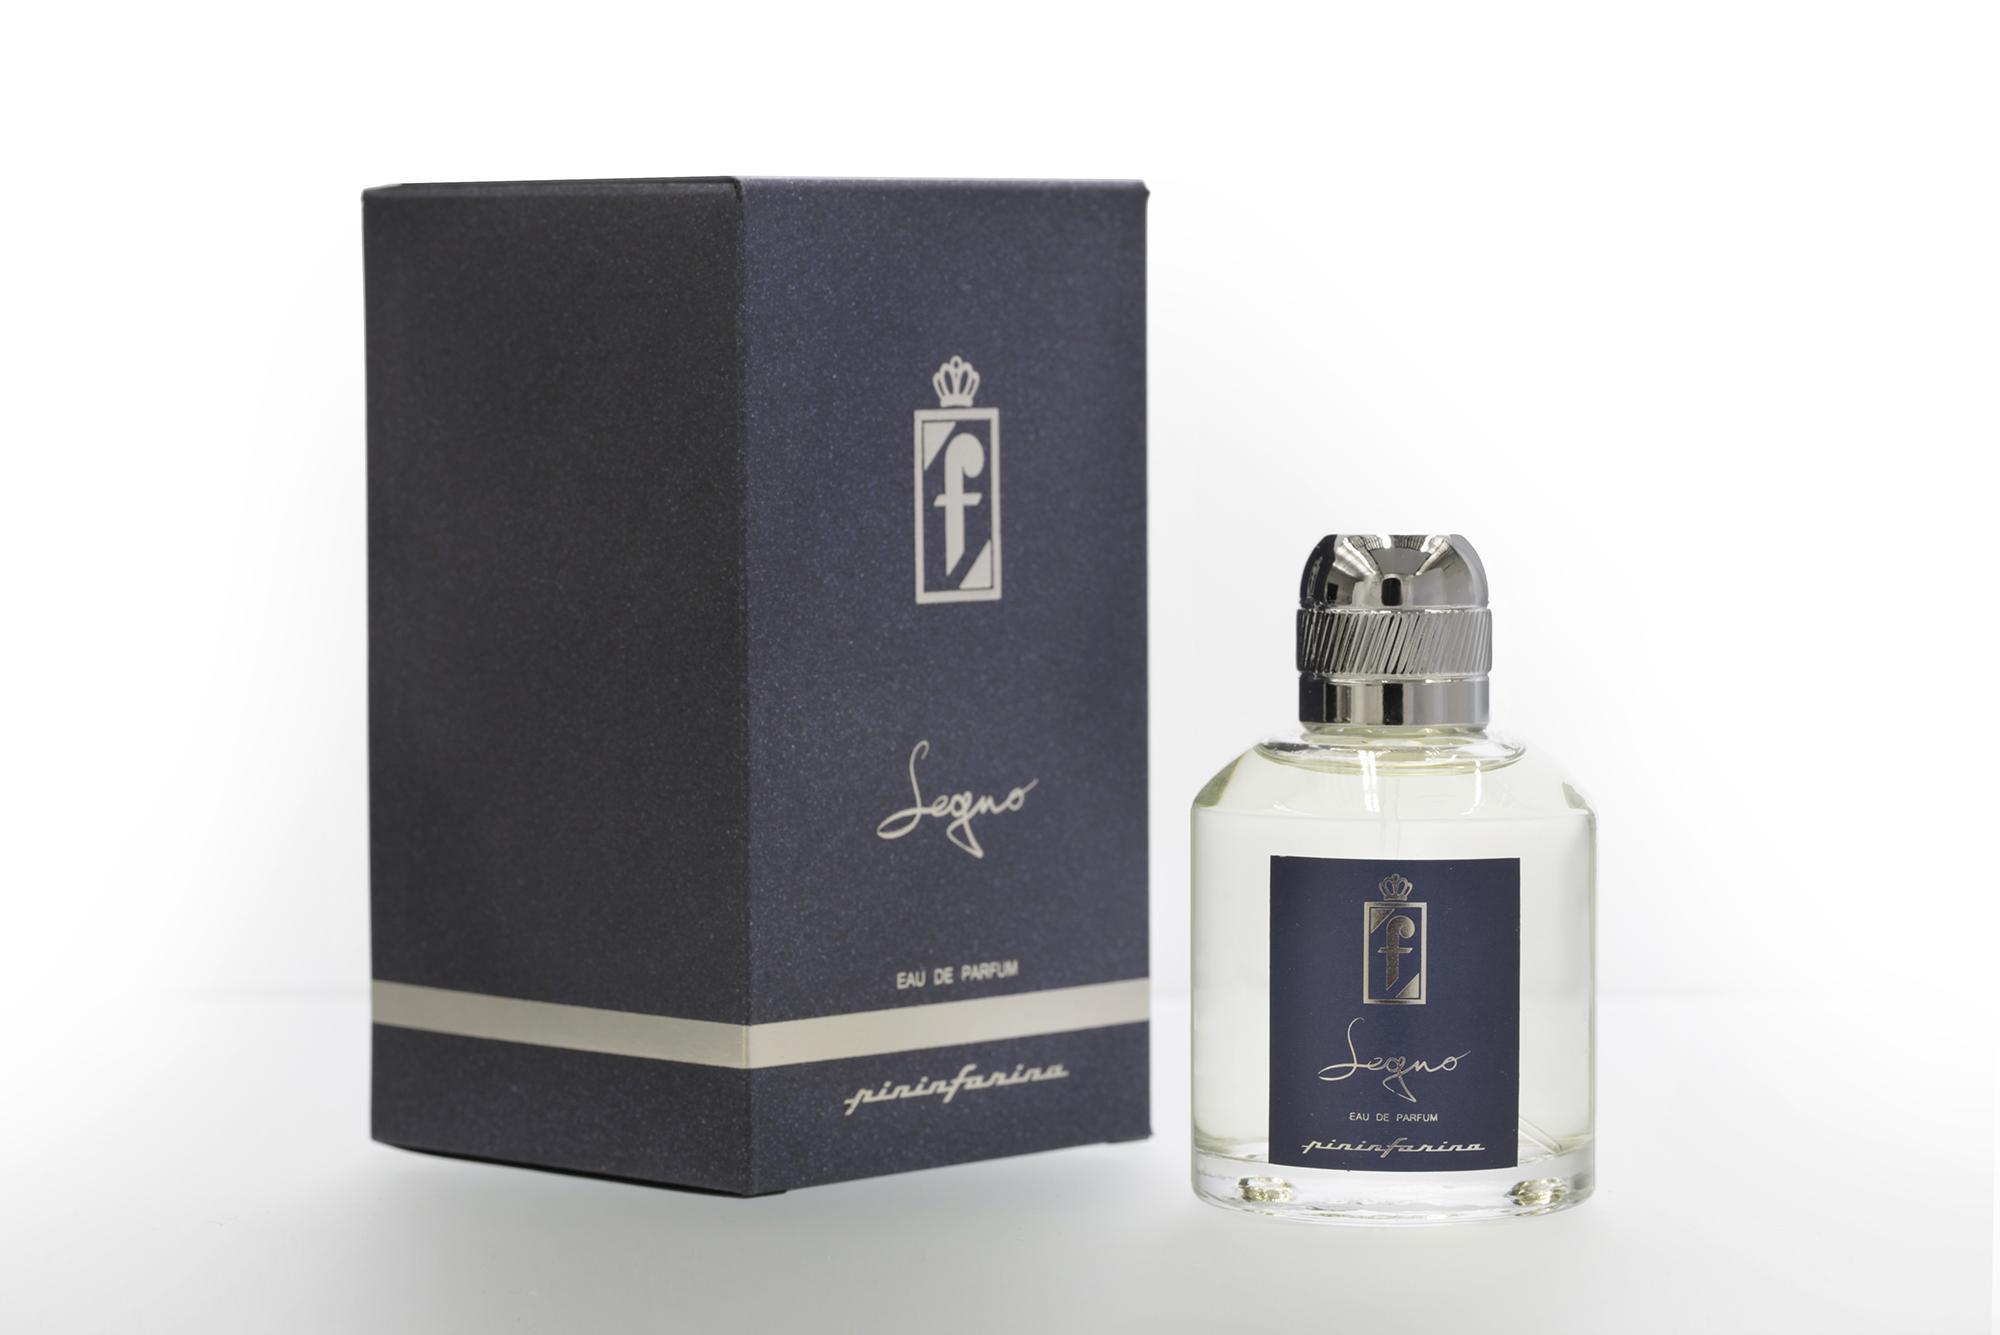 Segno - Eau De Parfum Pour Homme 50ml Glass